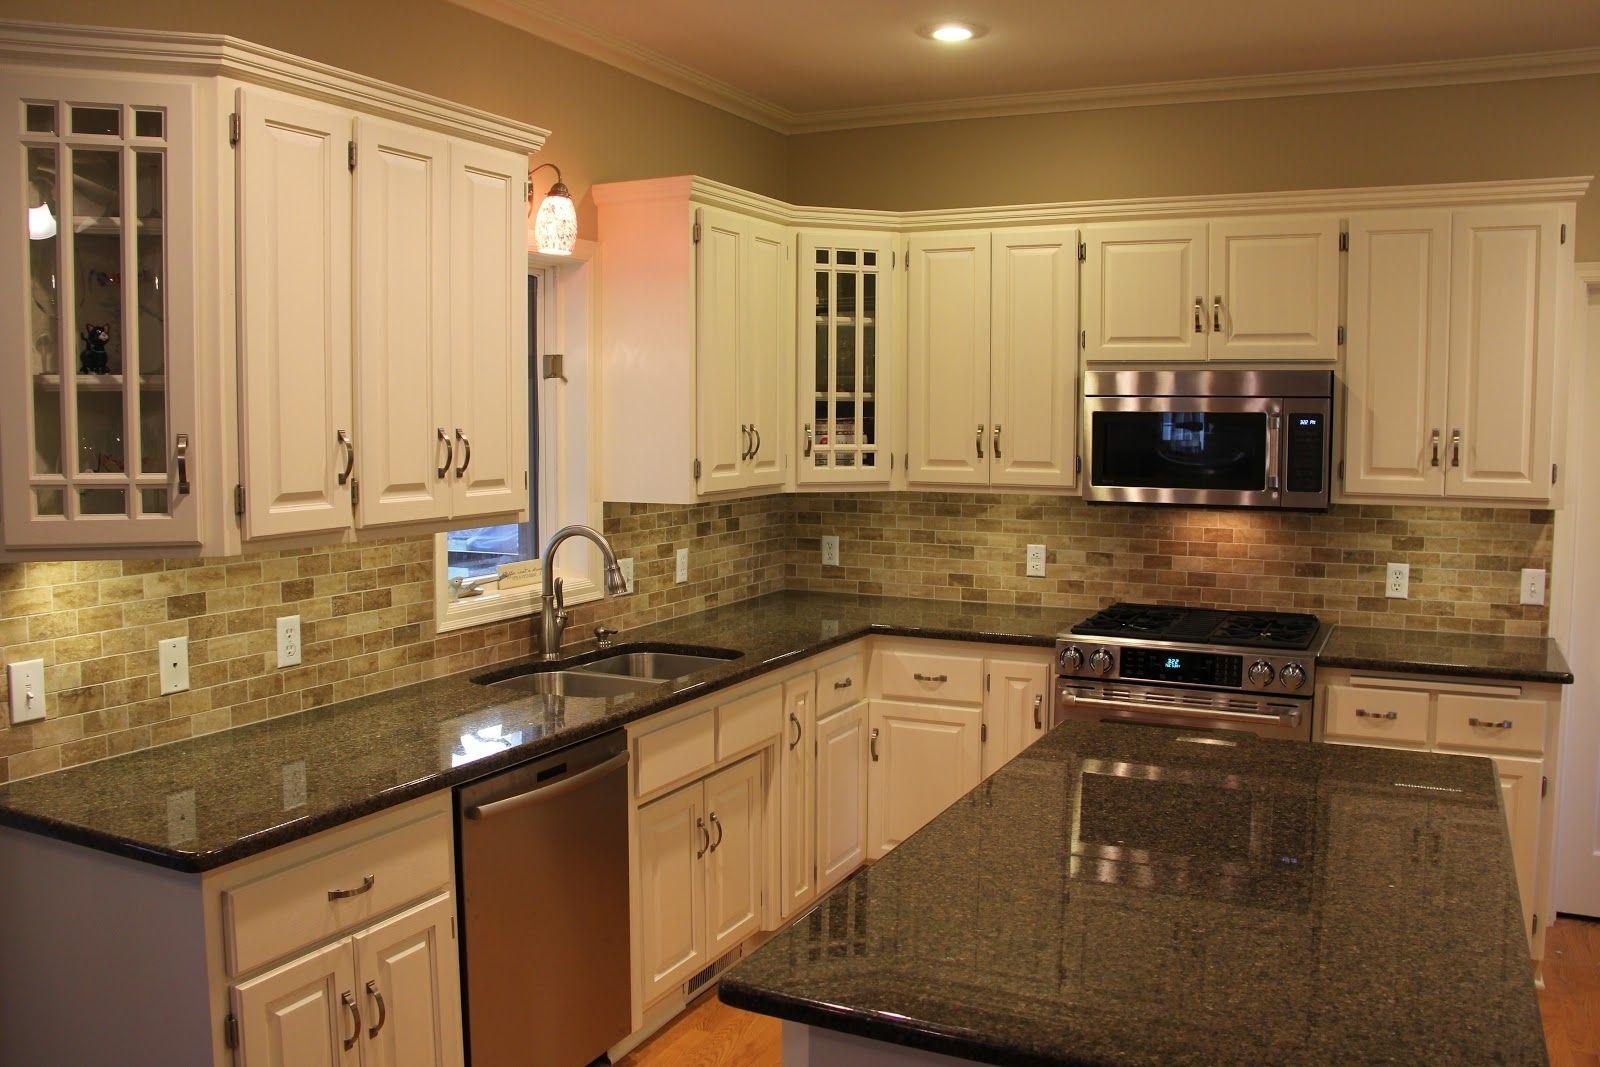 Uba Tuba Granite Countertop With Tile Backsplash | Black ... on Kitchen Backsplash Black Countertop  id=76943